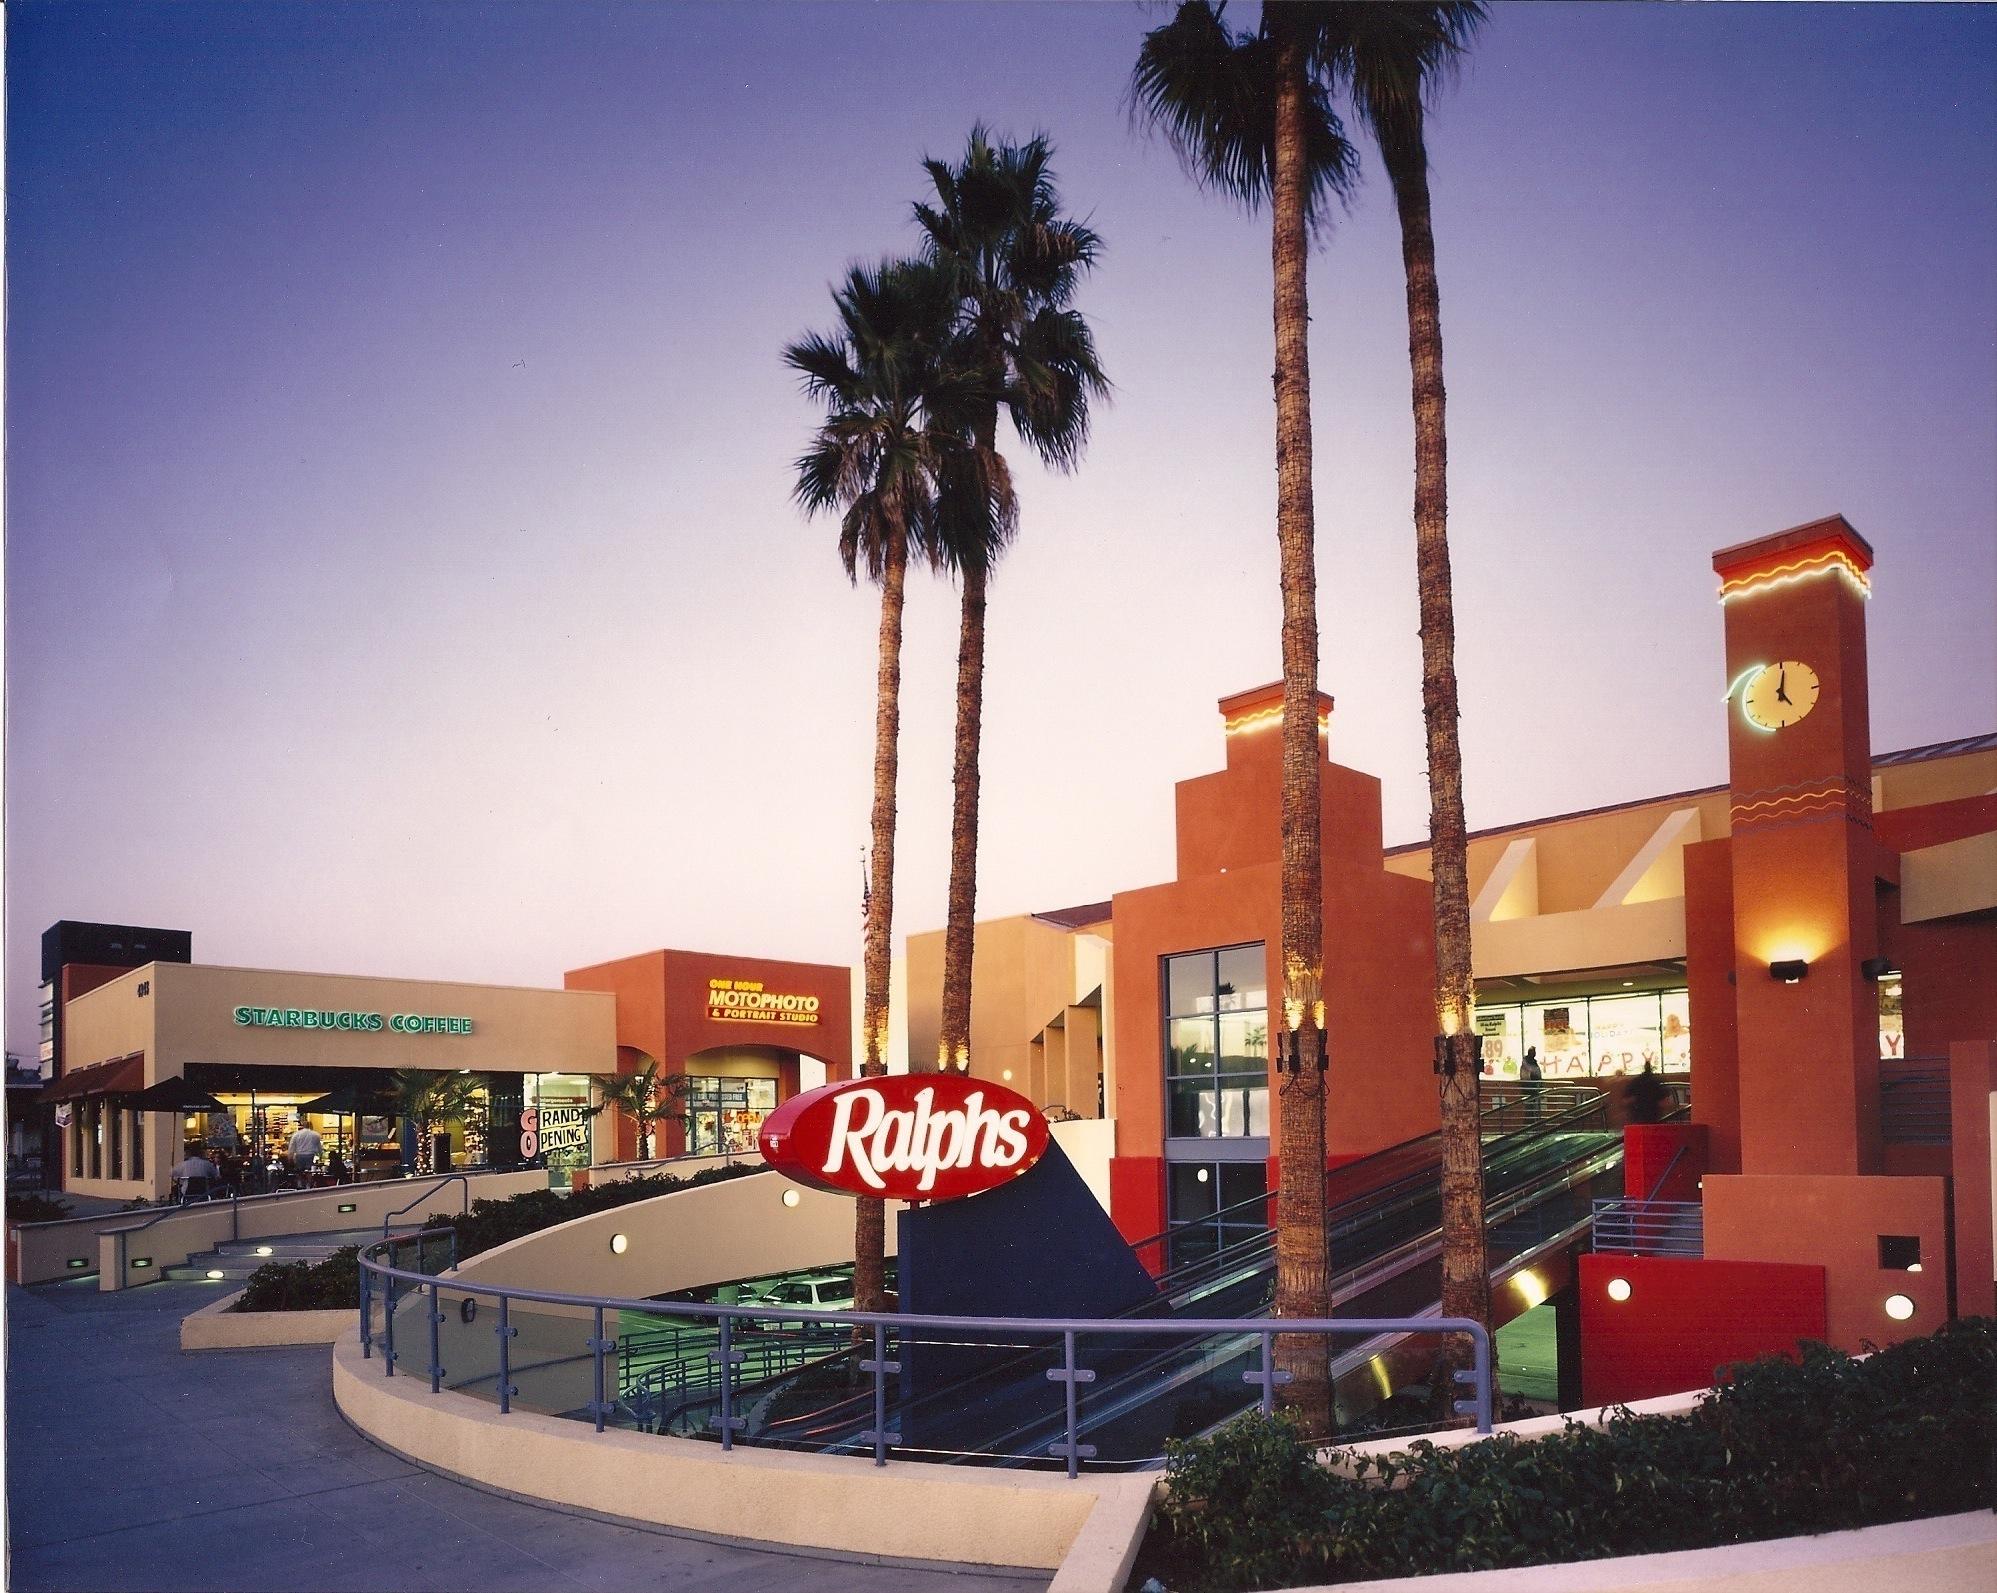 PB MARKETPLACE (PACIFIC BEACH, CA)